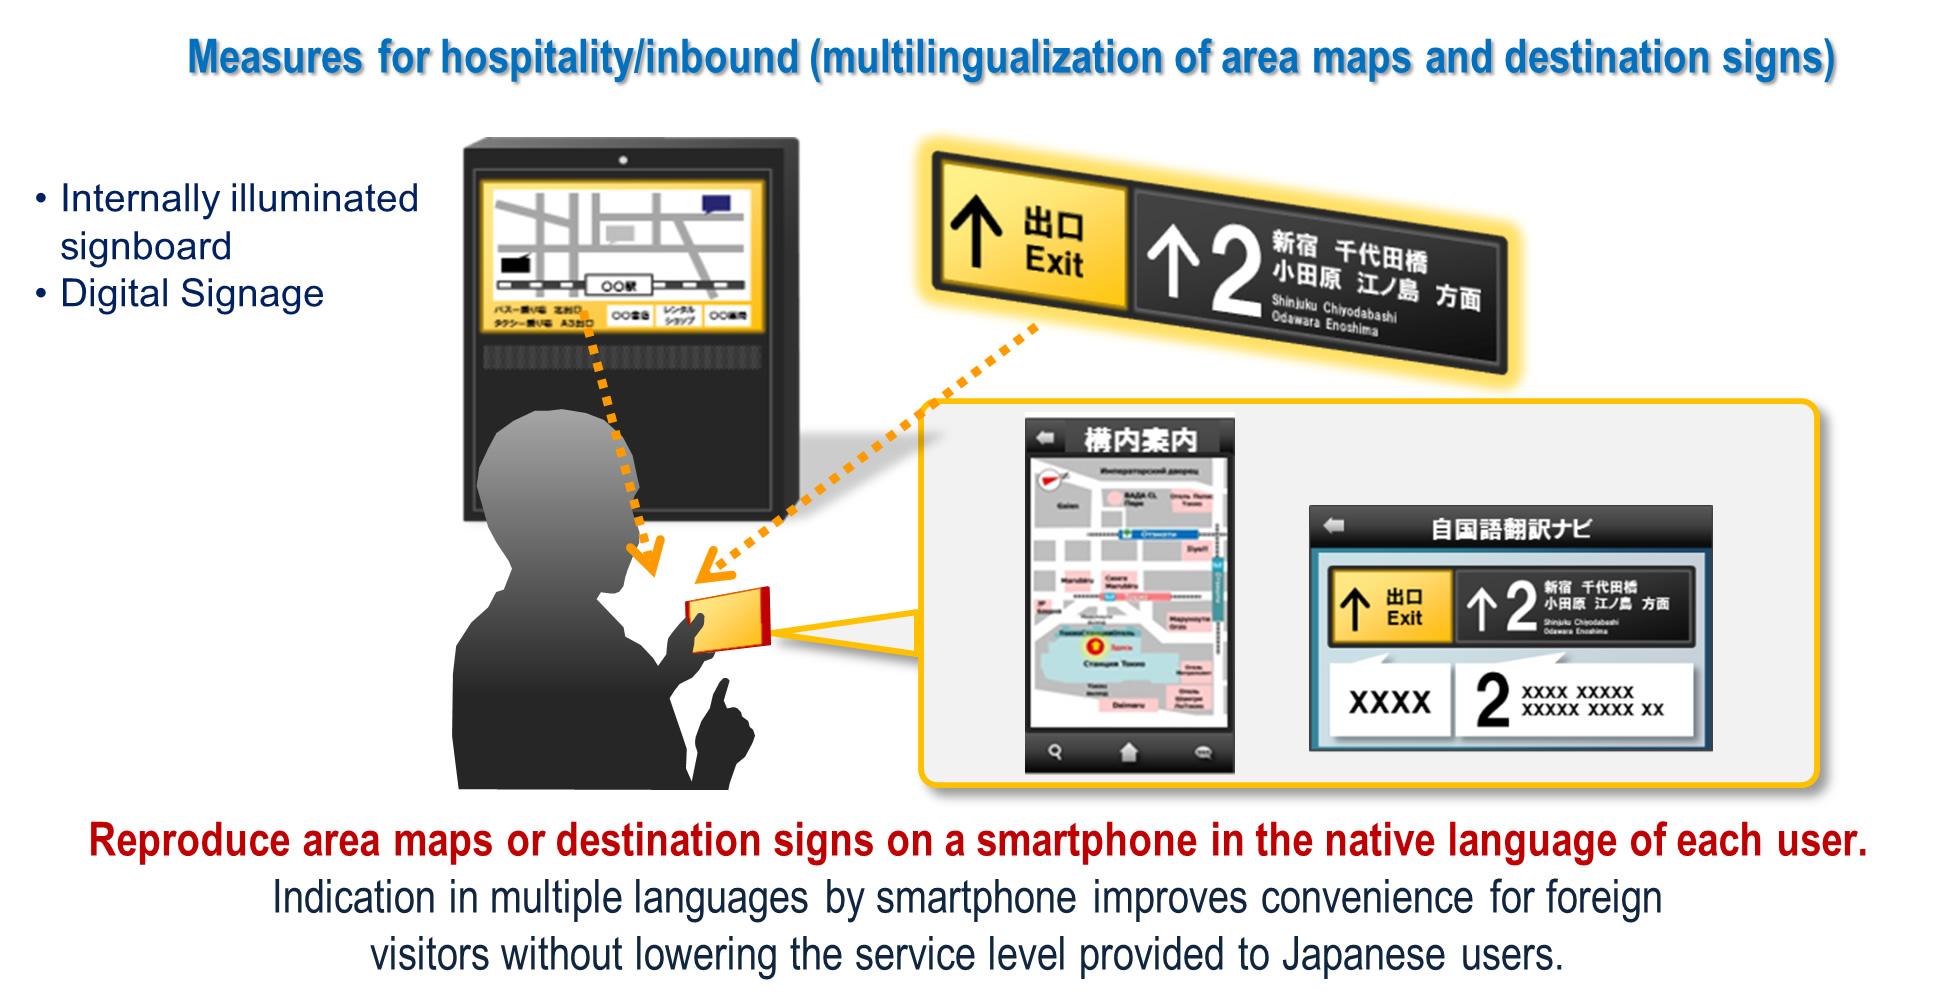 Пример того, как может быть полезен свет, несущий данные. «Умная» лампа, освещающая информационное табло, на самом деле не просто светит, но и передаёт его содержимое на разных языках. Пользователь, с помощью мобильного приложения, принимает сигнал и видит уже готовый, понятный ему перевод.